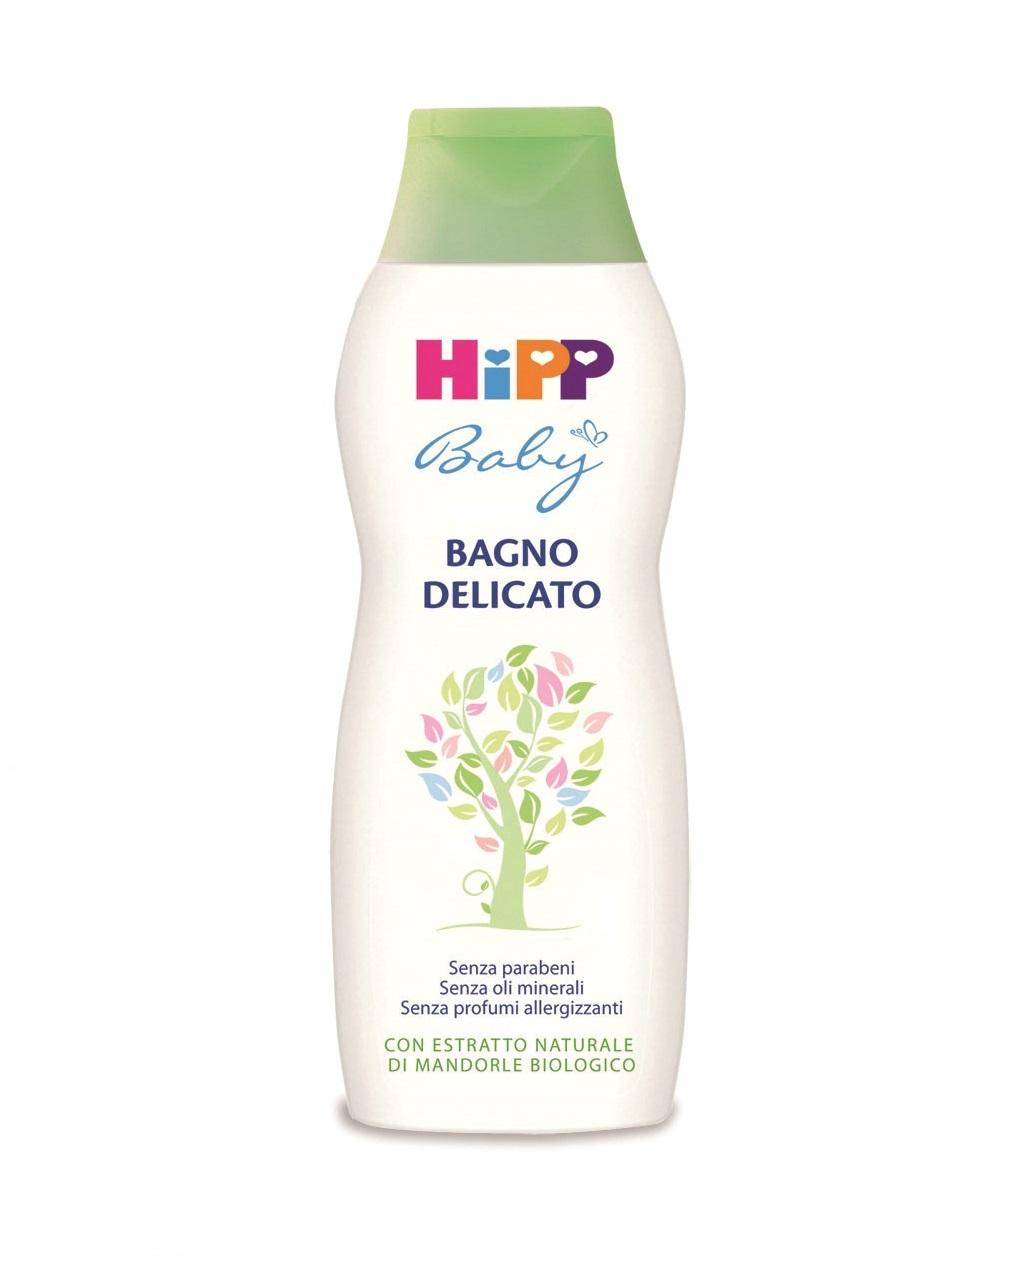 Bagno delicato 350ml - Hipp